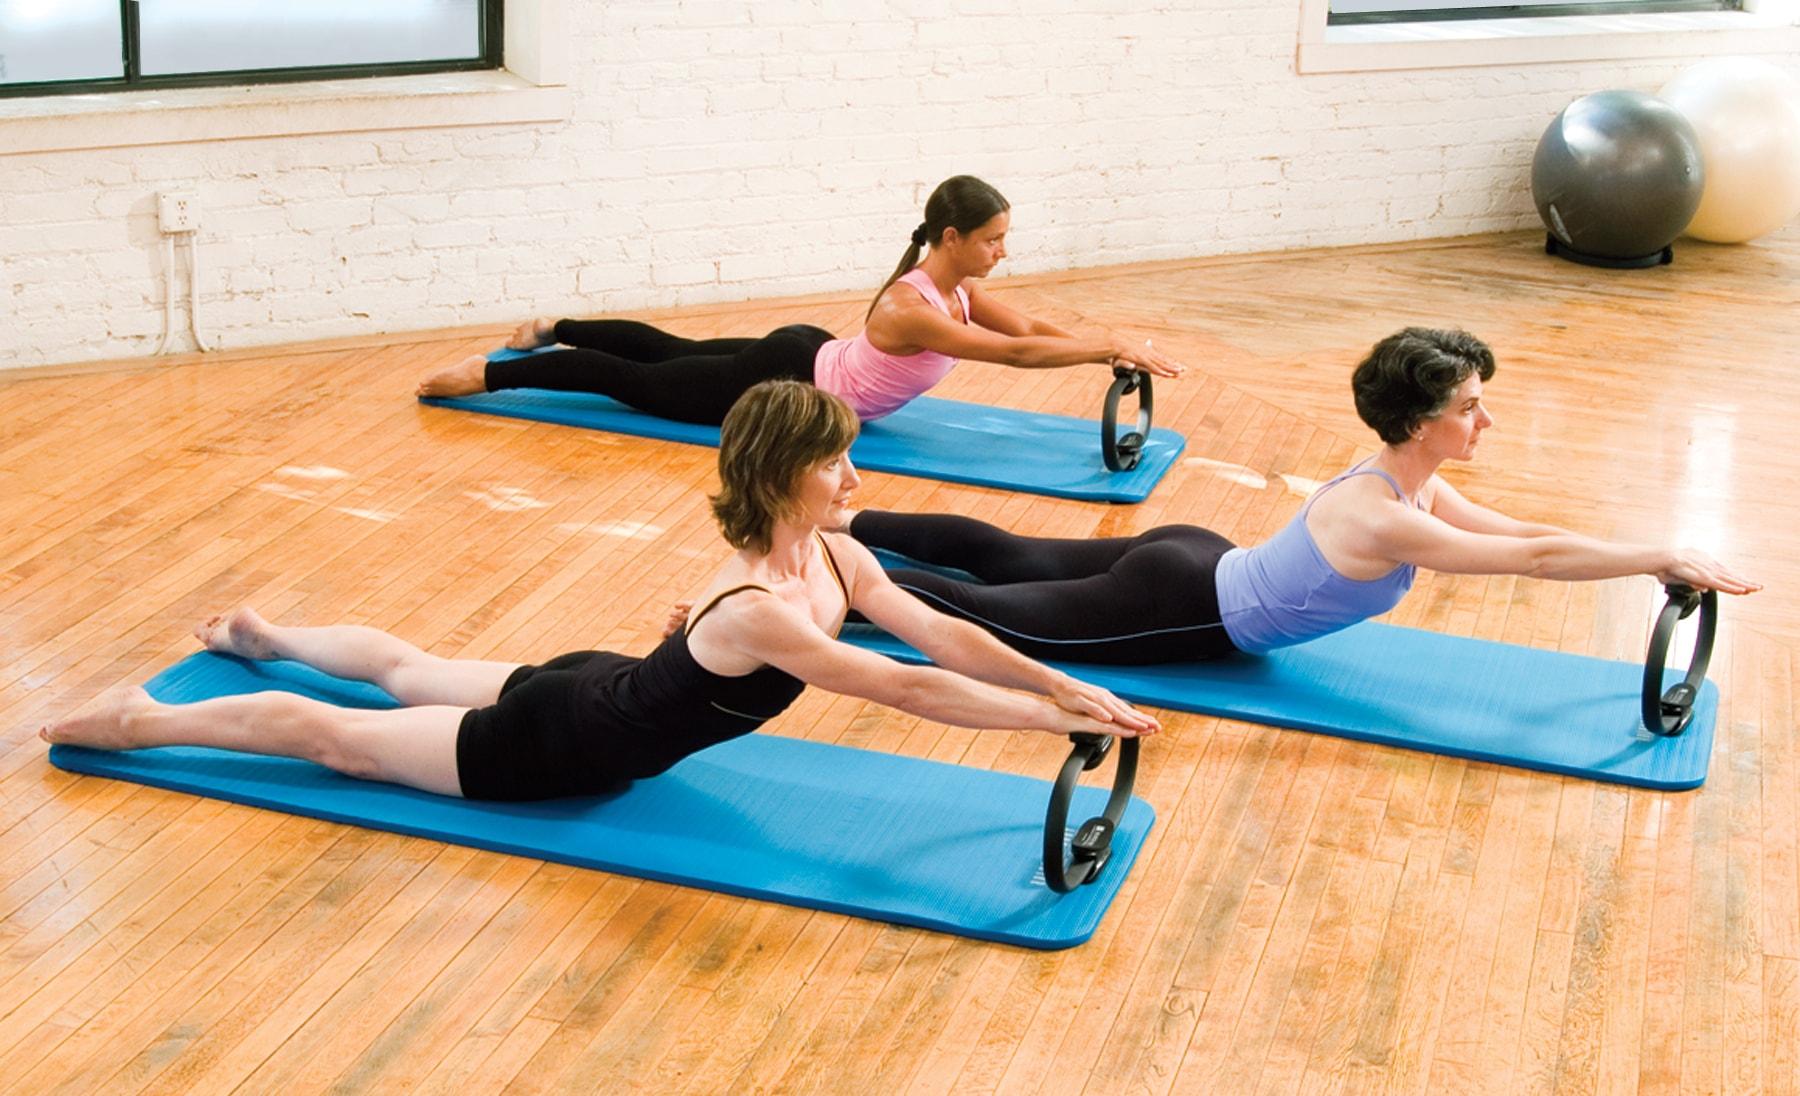 Инвентарь для фитнеса: разновидности и польза тренировок со снарядами